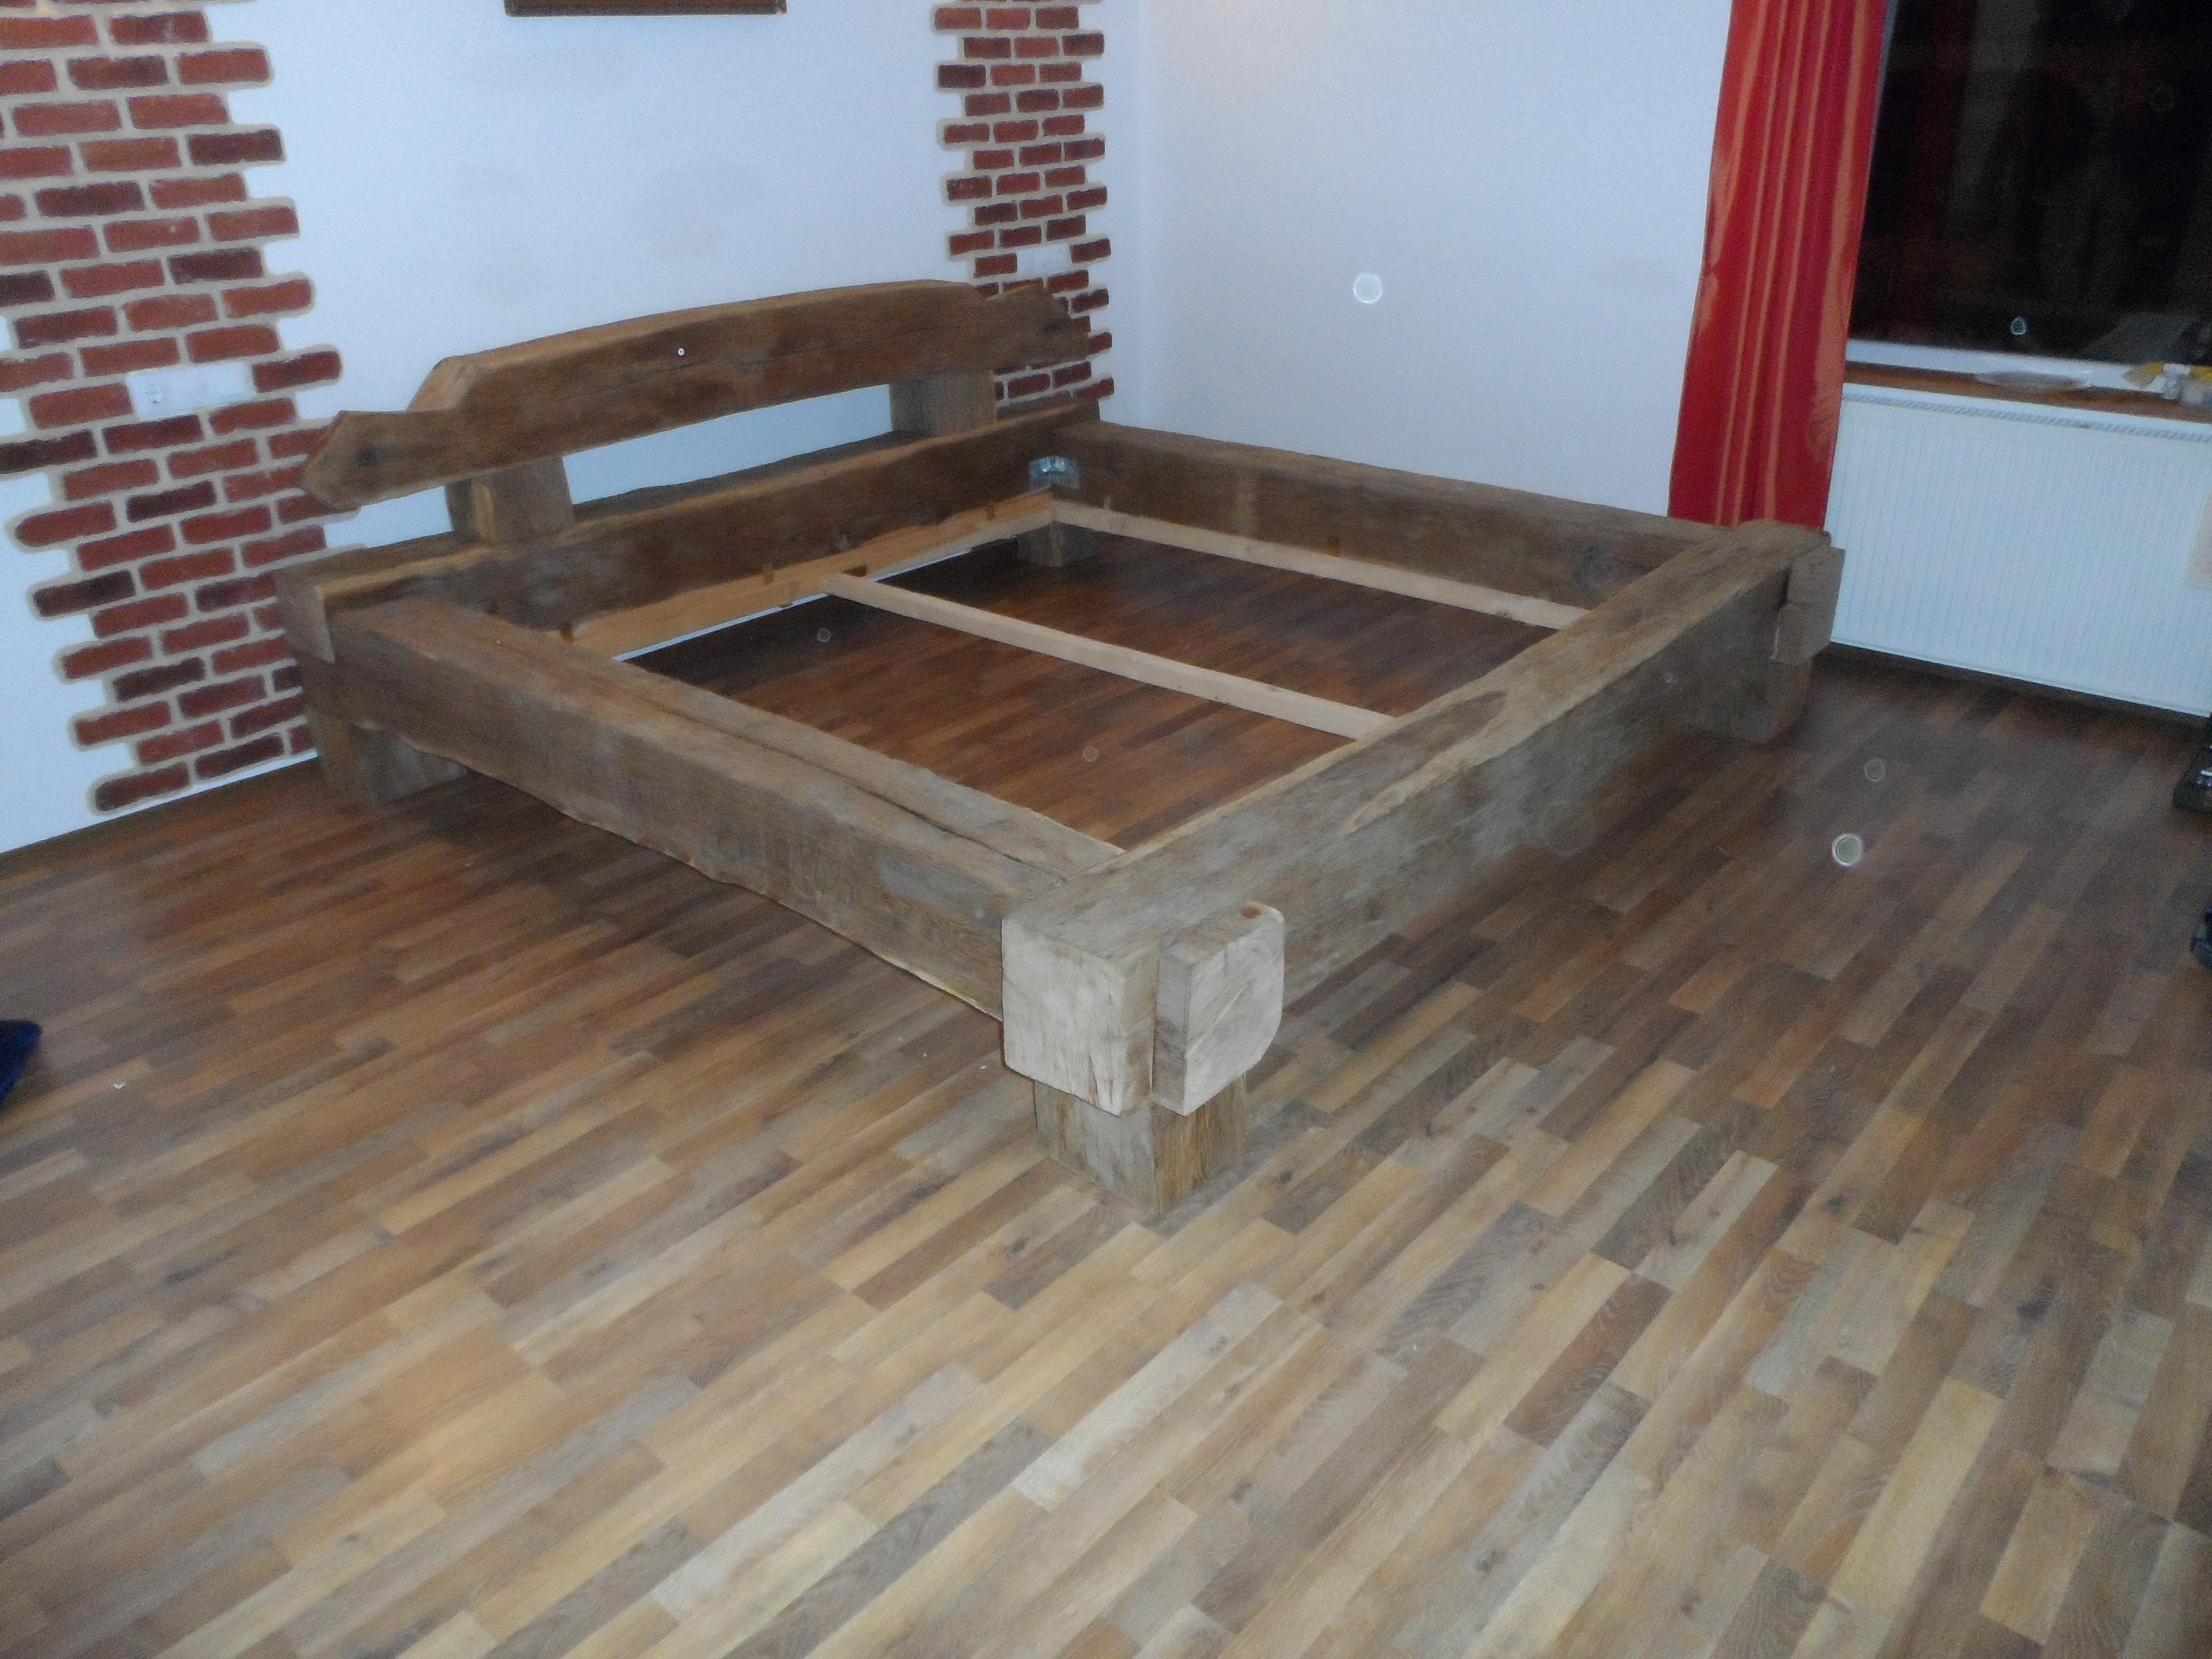 betten design 1 0 20 0 st cke spot 1 mal. Black Bedroom Furniture Sets. Home Design Ideas